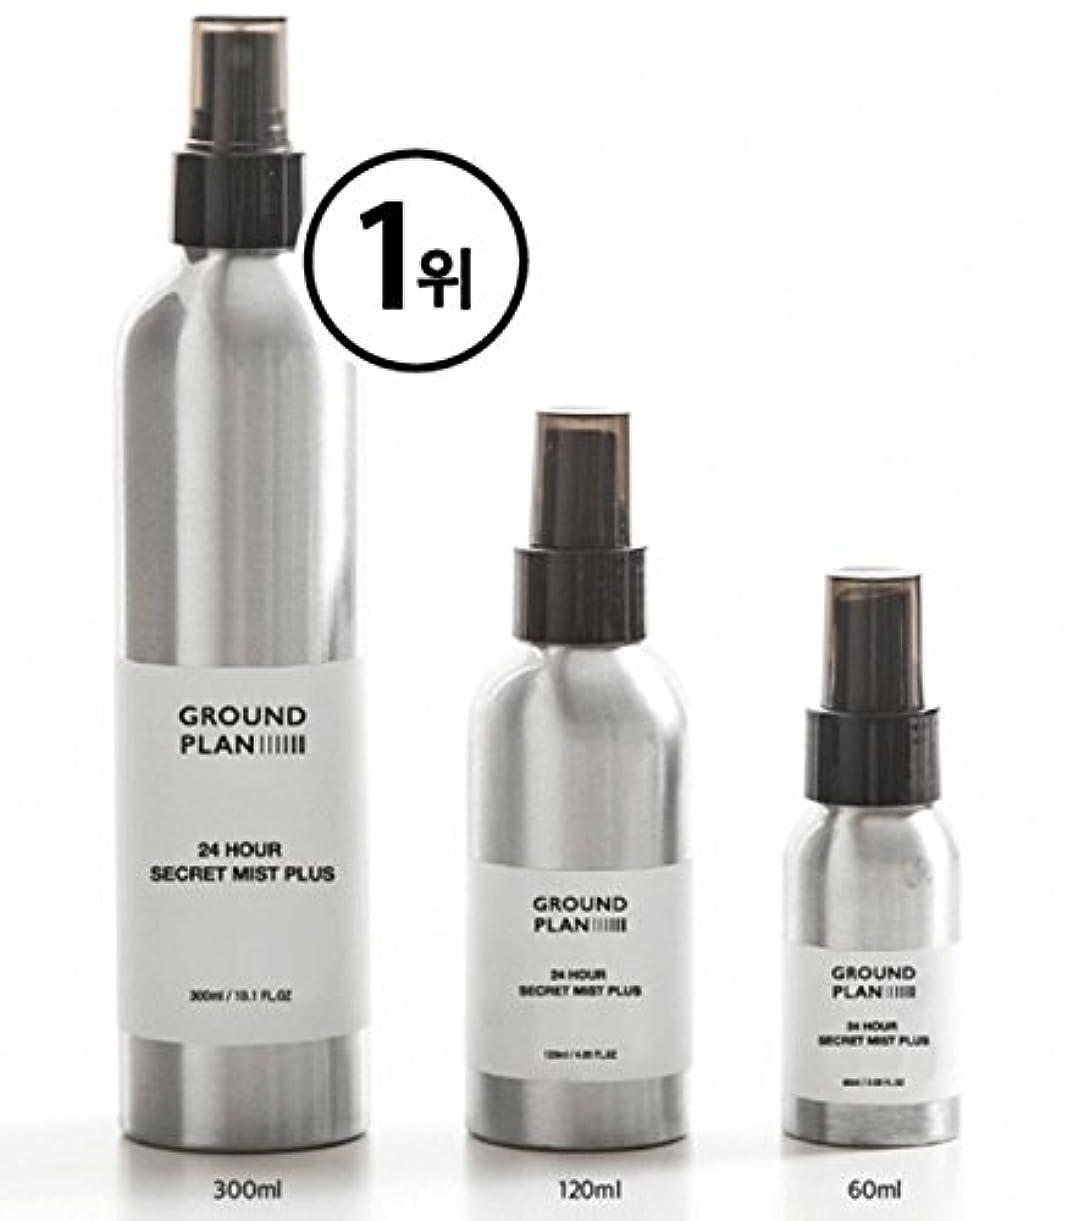 [グラウンド?プラン] 24Hour 秘密 スキンミスト Plus (60ml) Ground plan 24 Hour Secret Skin Mist Plus [海外直送品]